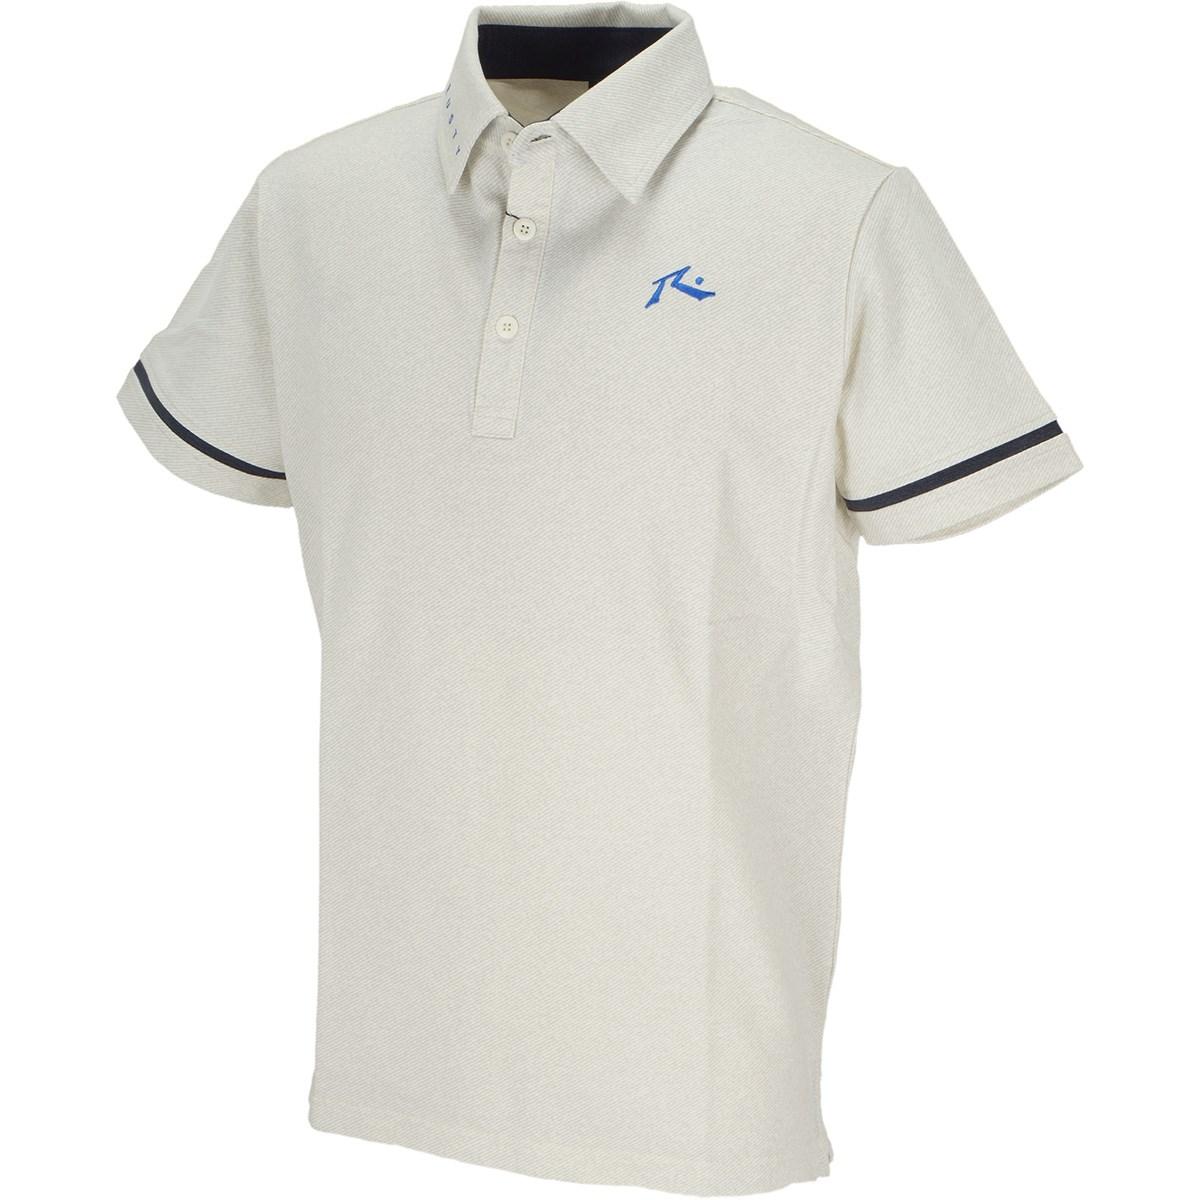 ラスティ RUSTY 半袖ポロシャツ M ホワイト